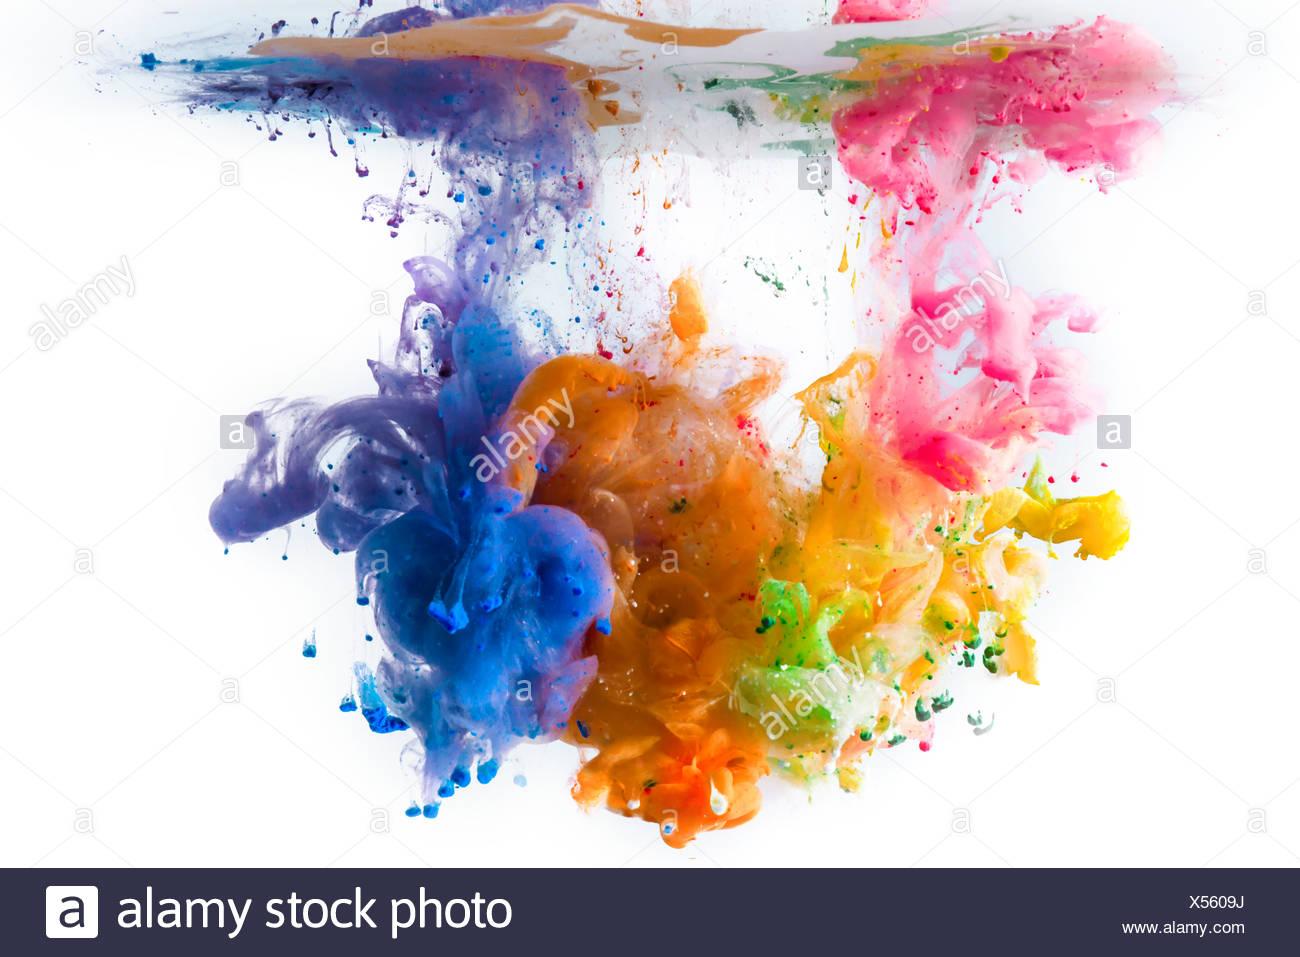 Multi-colore di vernici acriliche sciogliendo in acqua Immagini Stock